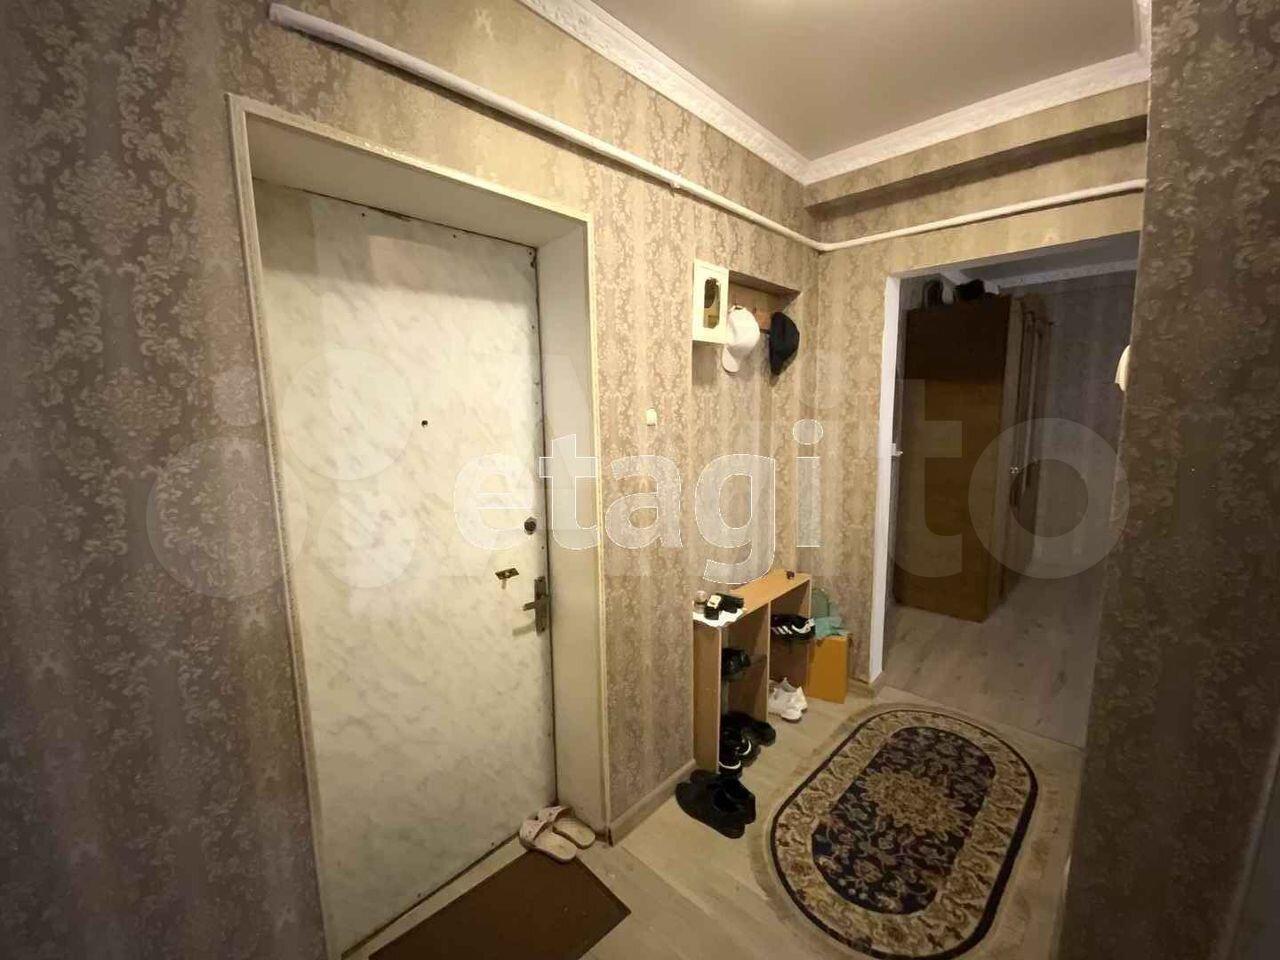 2-к квартира, 48 м², 1/5 эт.  89882912334 купить 5